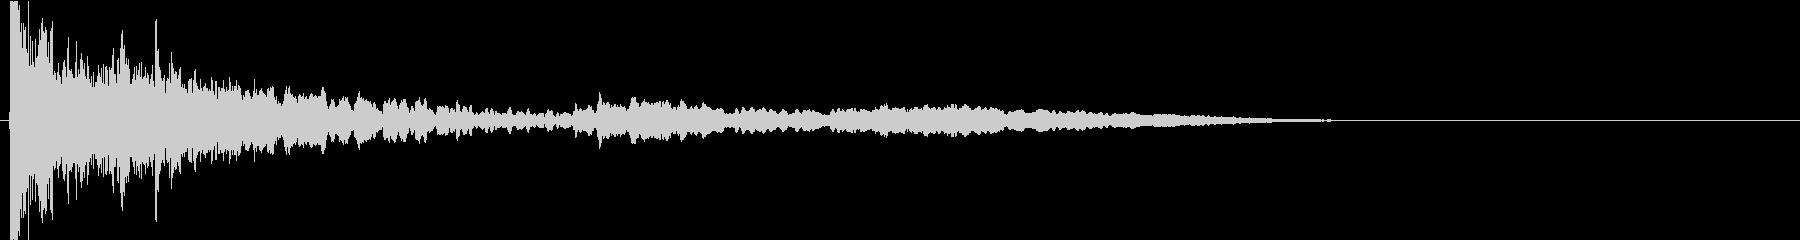 ヒューン(花火が打ち上がる音)の未再生の波形